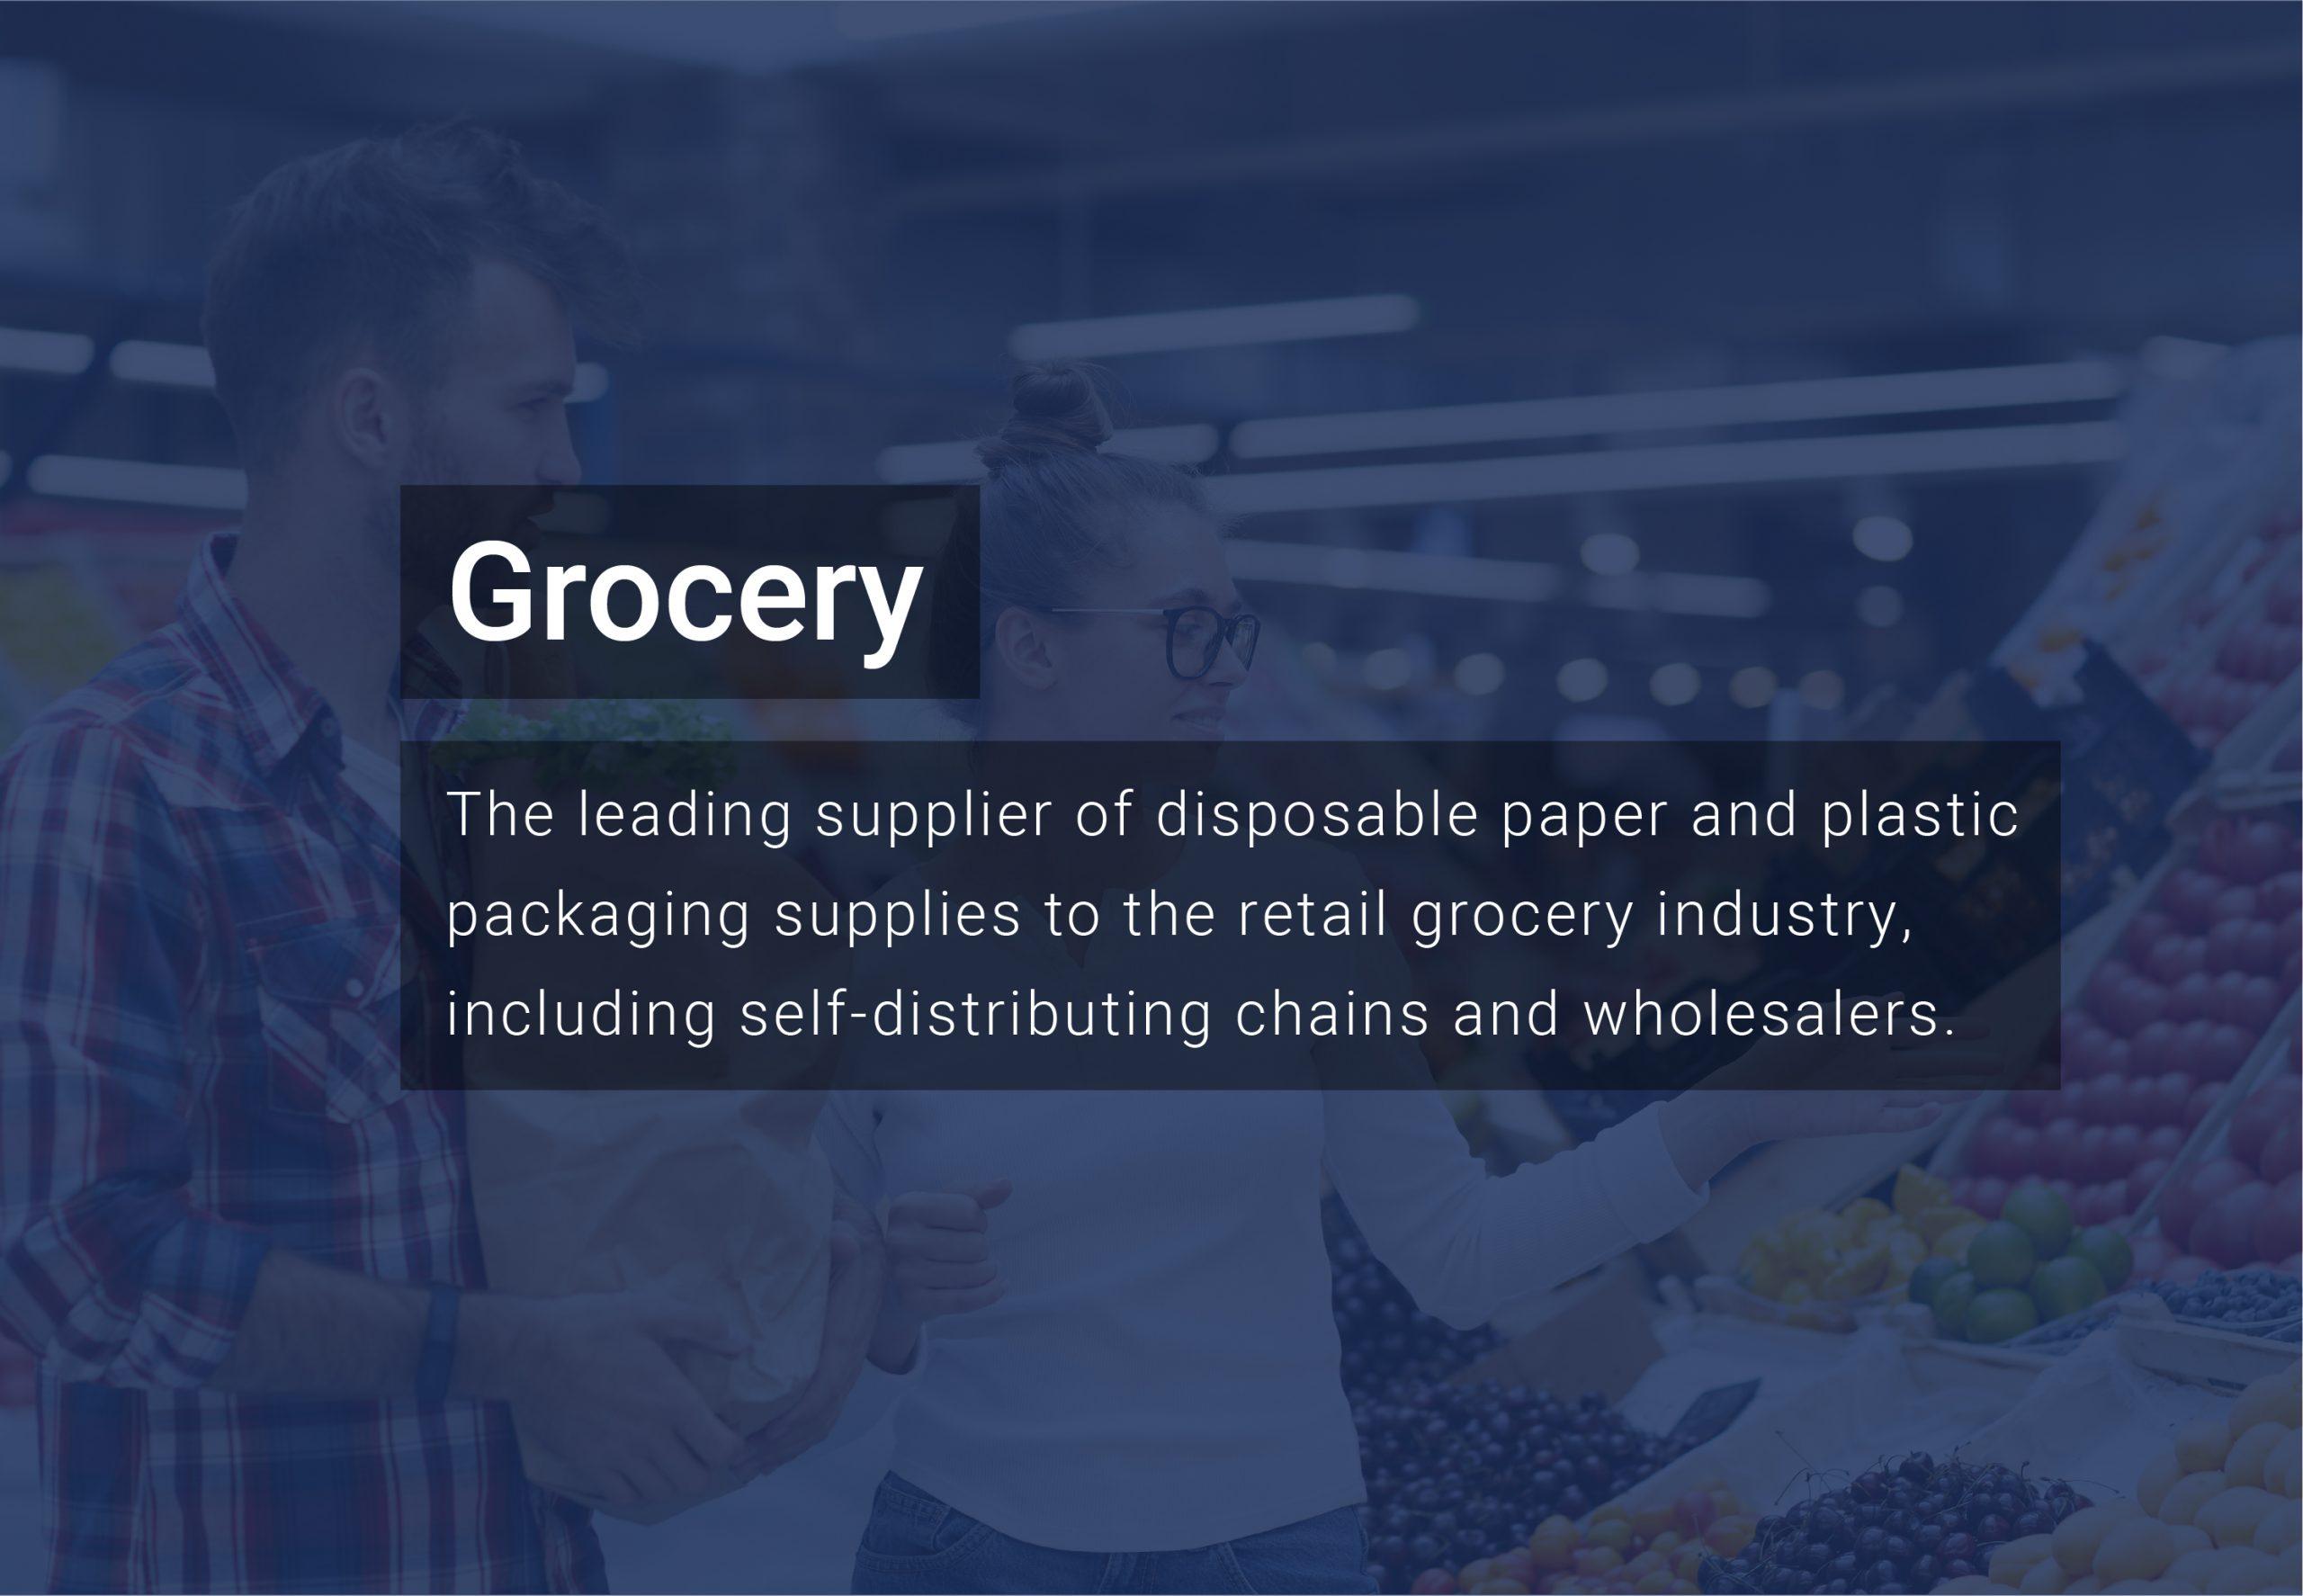 Bunzl Grocery